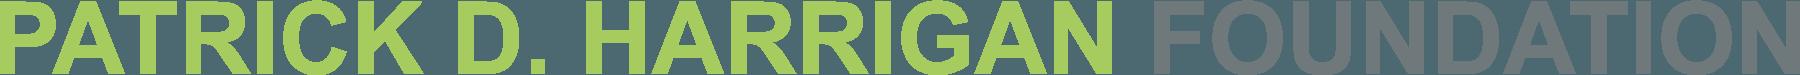 Patrick D. Harrigan Foundation Logo